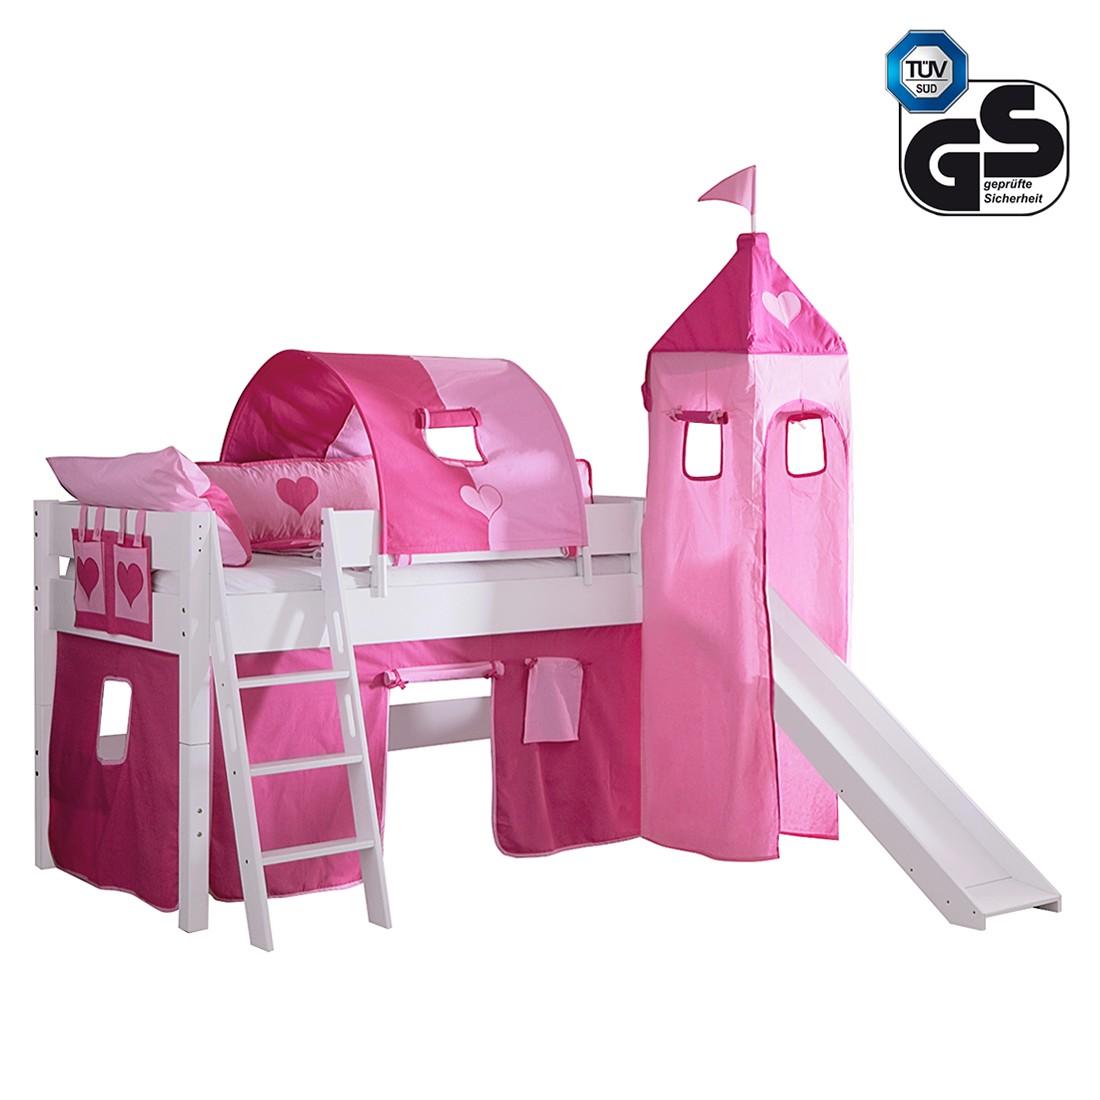 Halbhohes Spielbett Kim – Buche massiv/Weiß – Textilset Pink/Rosa/Herz, Relita jetzt kaufen